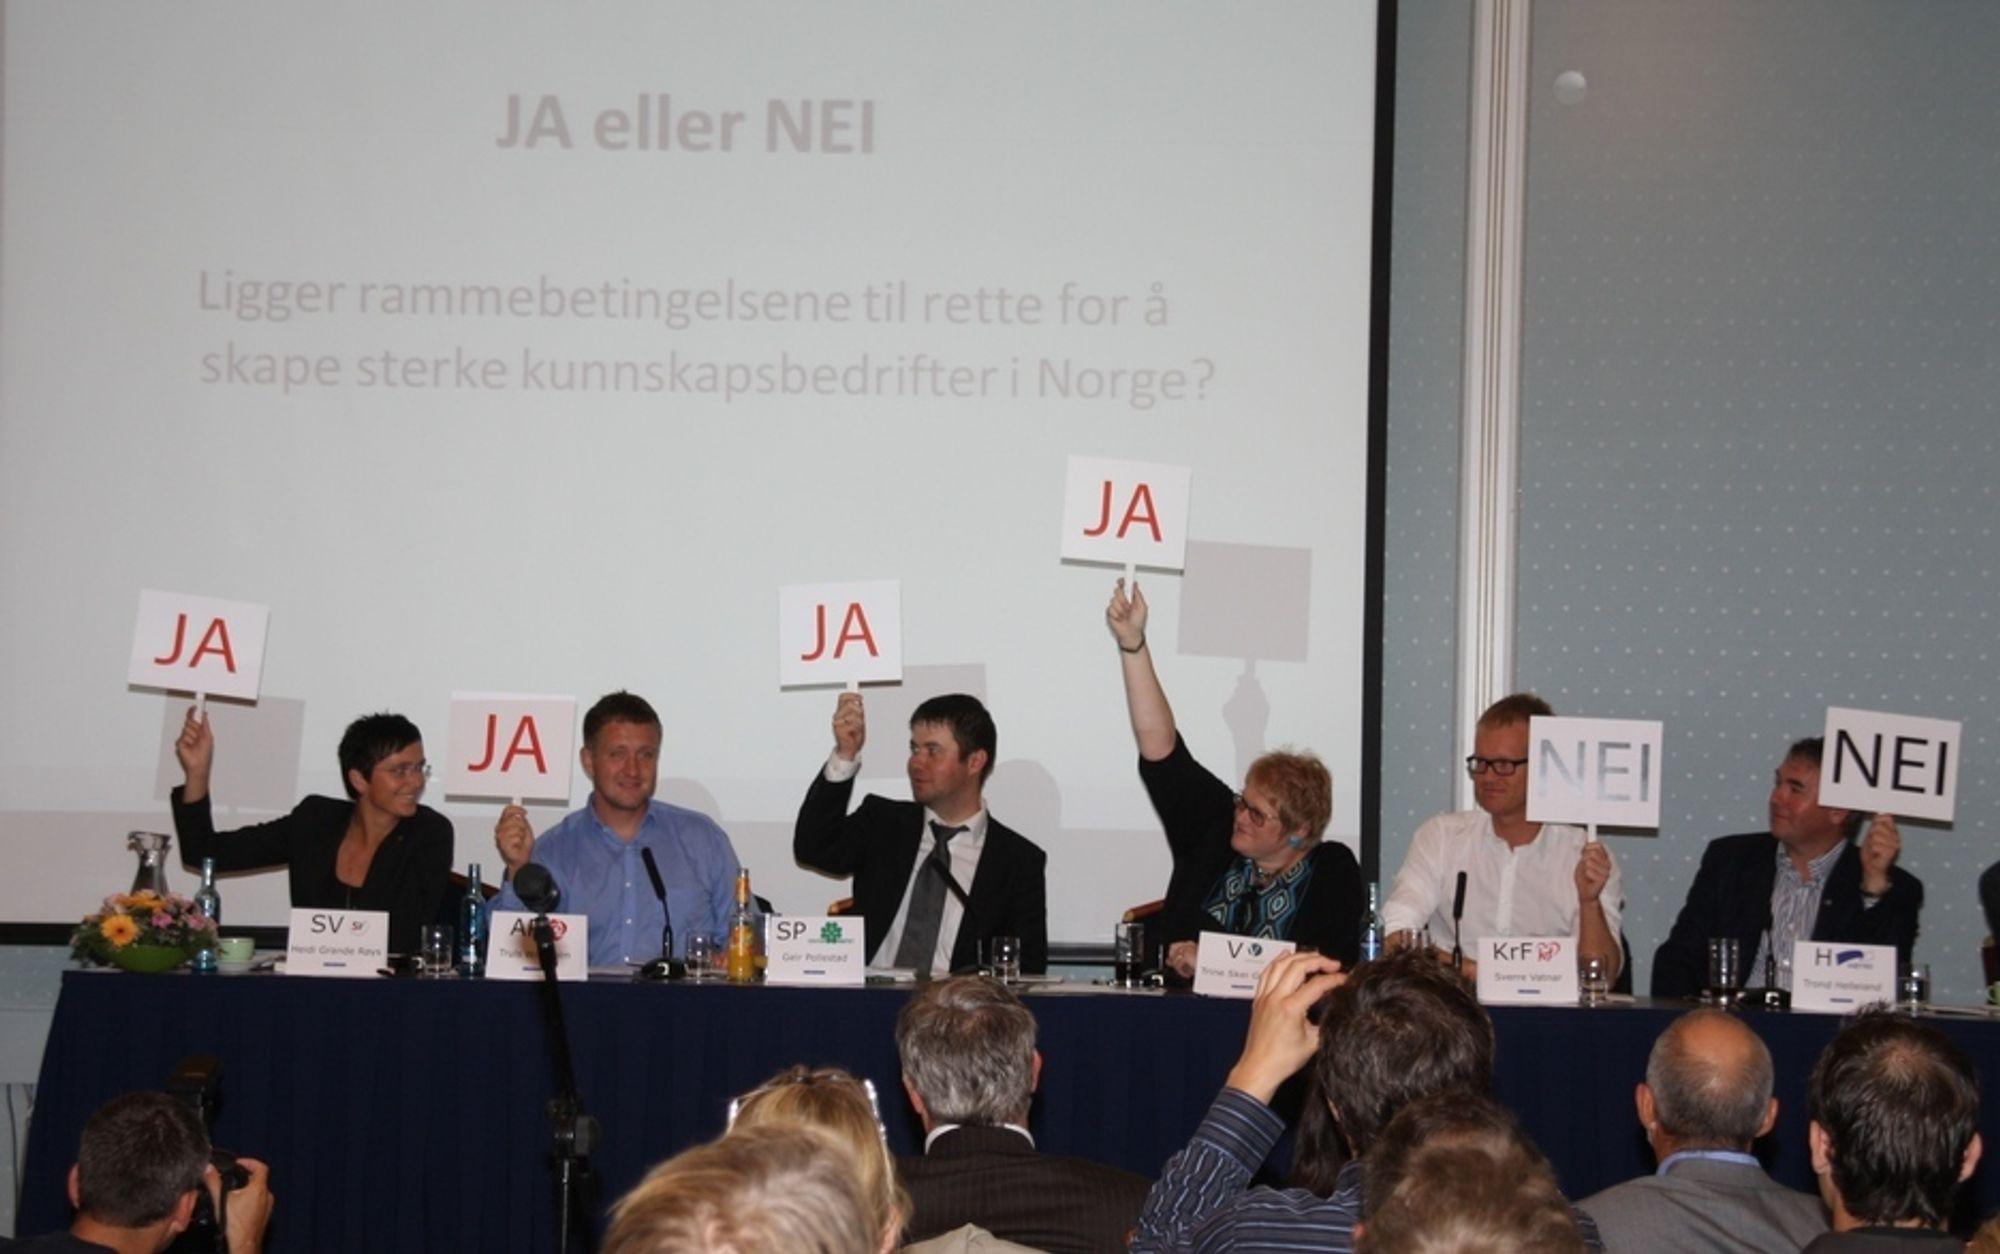 IT-politisk debatt i regi av IKT Norge, Maud-salen Hotel Bristol, Oslo, 21.08.2009. Fv.: Heidi Grande Røys (SV), Truls Wickholm (Ap), Geir Pollestad (Sp), Trine Skei Grande (V), Sverre Vatnar (KrF), Trond Helleland (H). Thor Magne Bostad (Frp) ikke synlig...